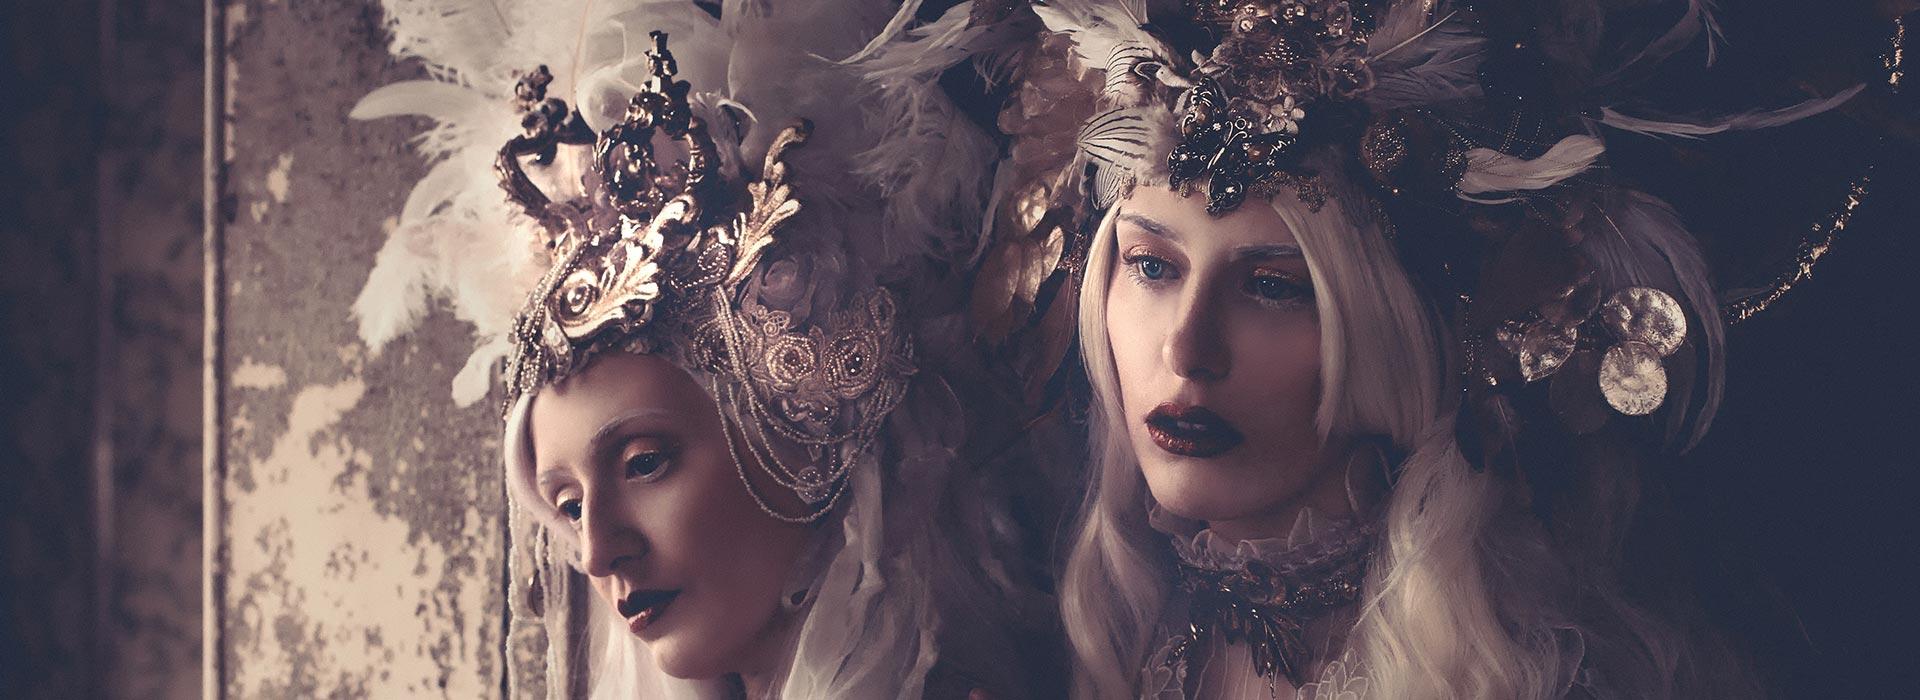 Zwei junge Frauen mit opulentem Kopfschmuck im Sepia-Vintage-Look